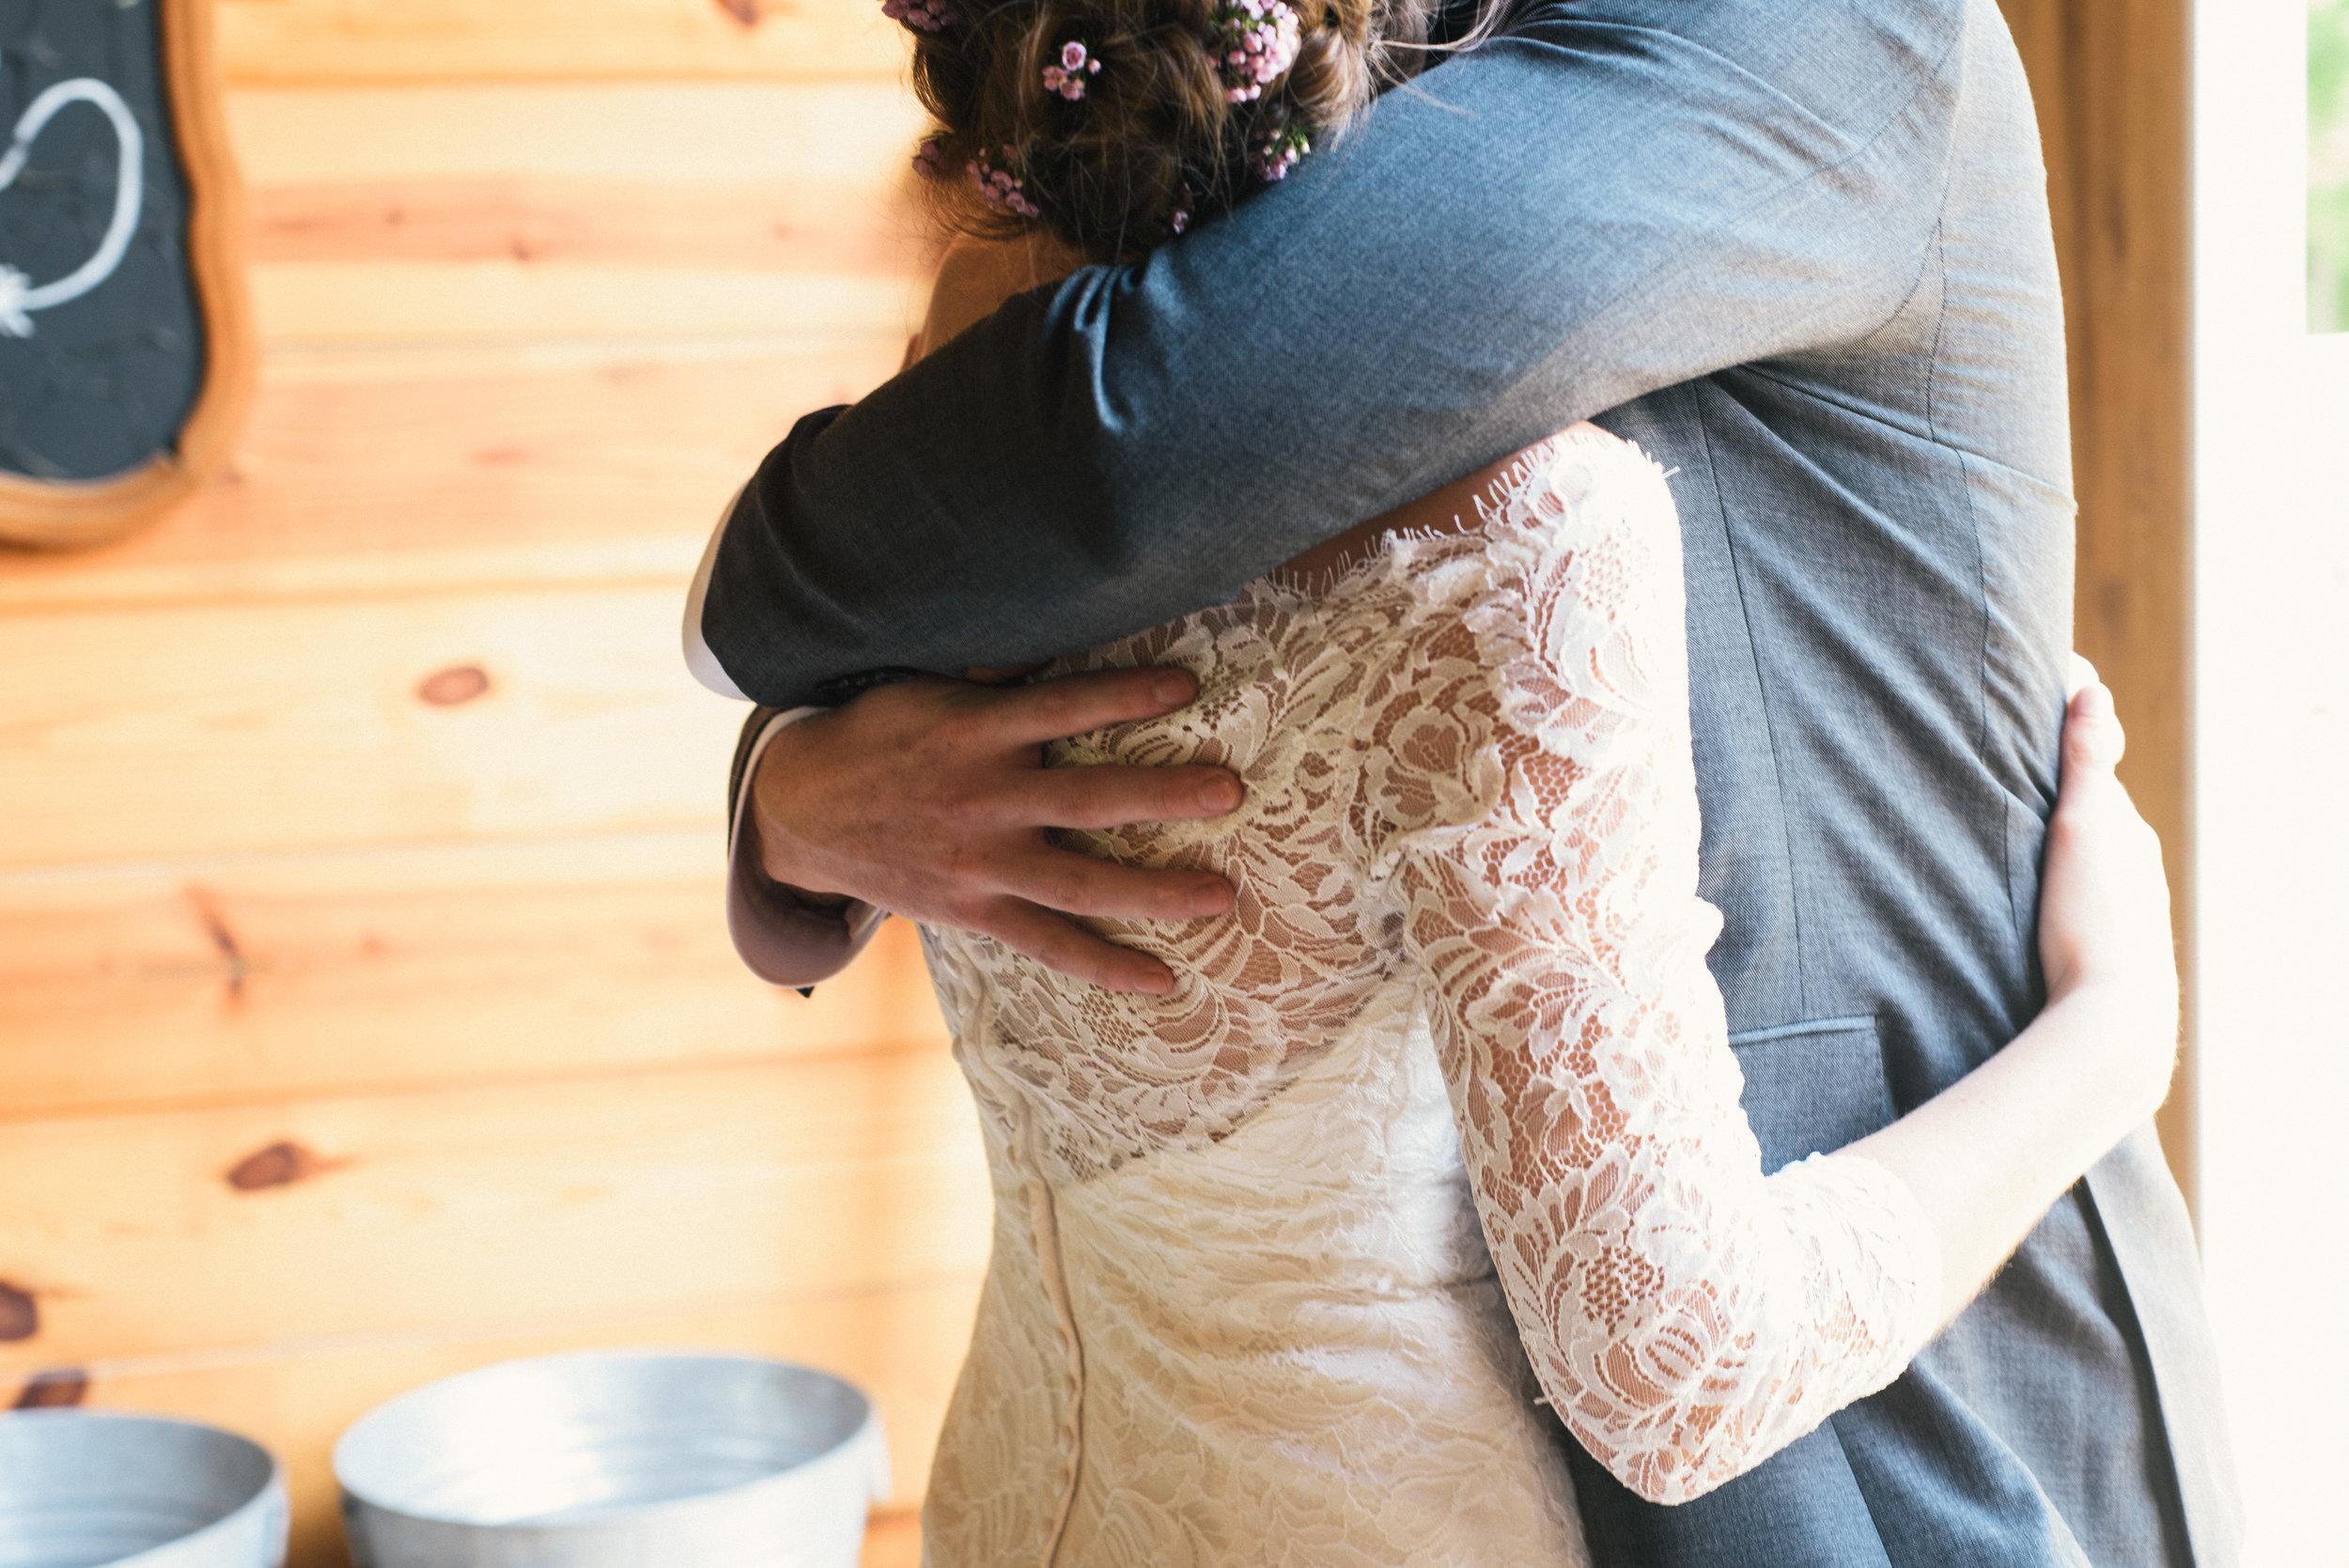 raleigh-elopement-photographer-raleigh-durham-wedding-maddie-and-devin- (18 of 162).jpg